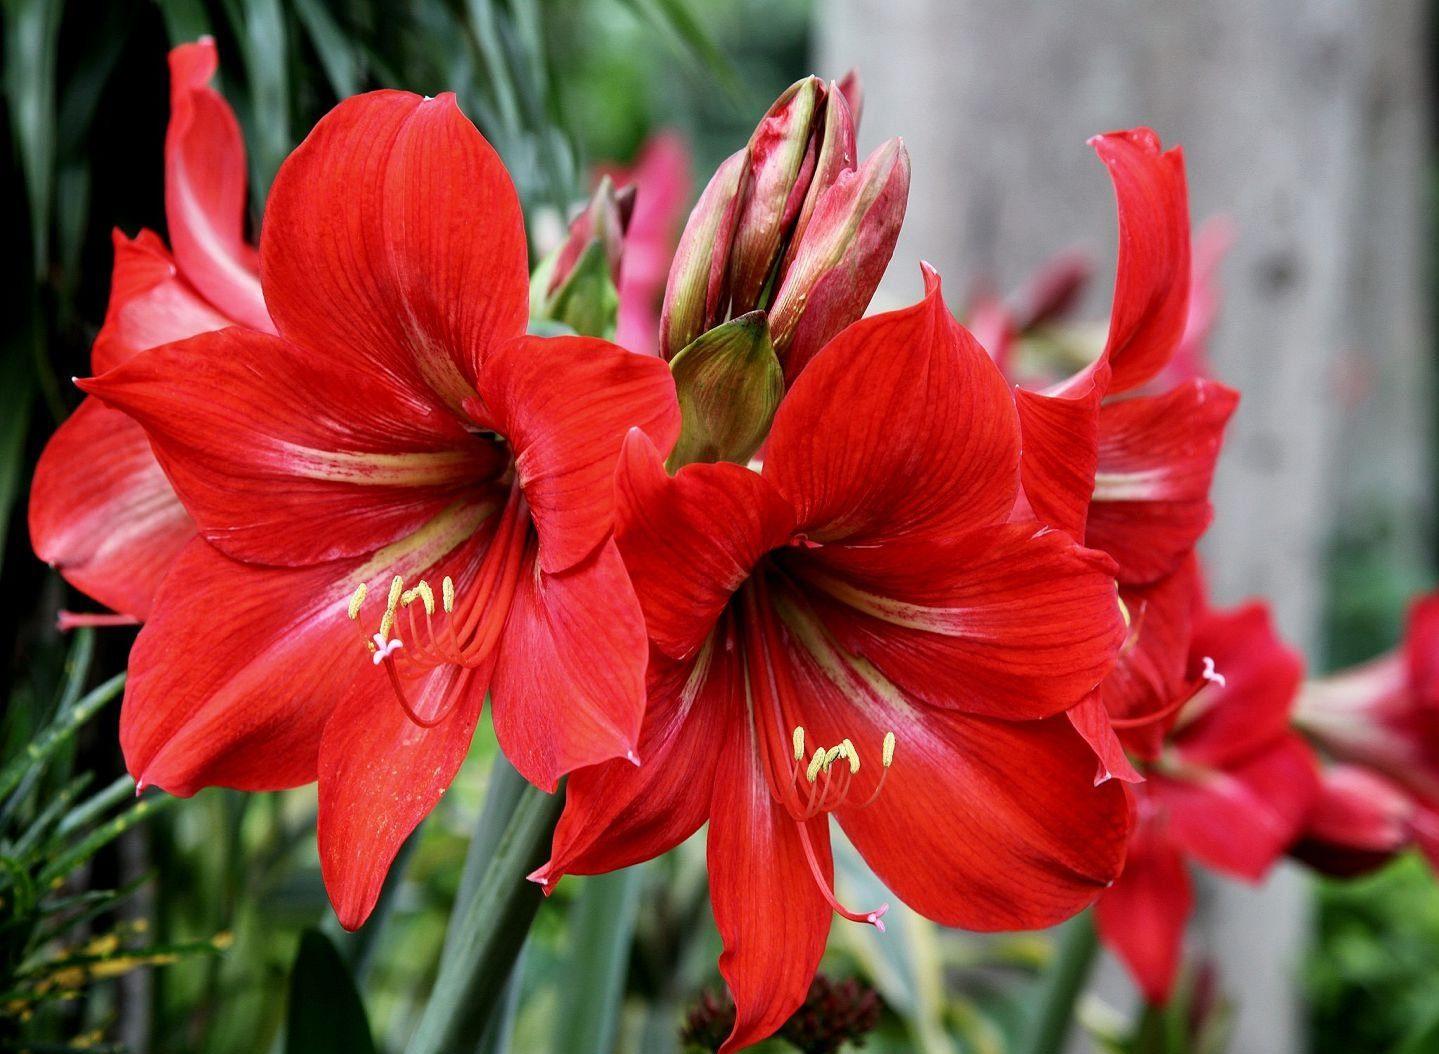 Цветок гиппеаструм: каталог видов и сортов, особенности ухода